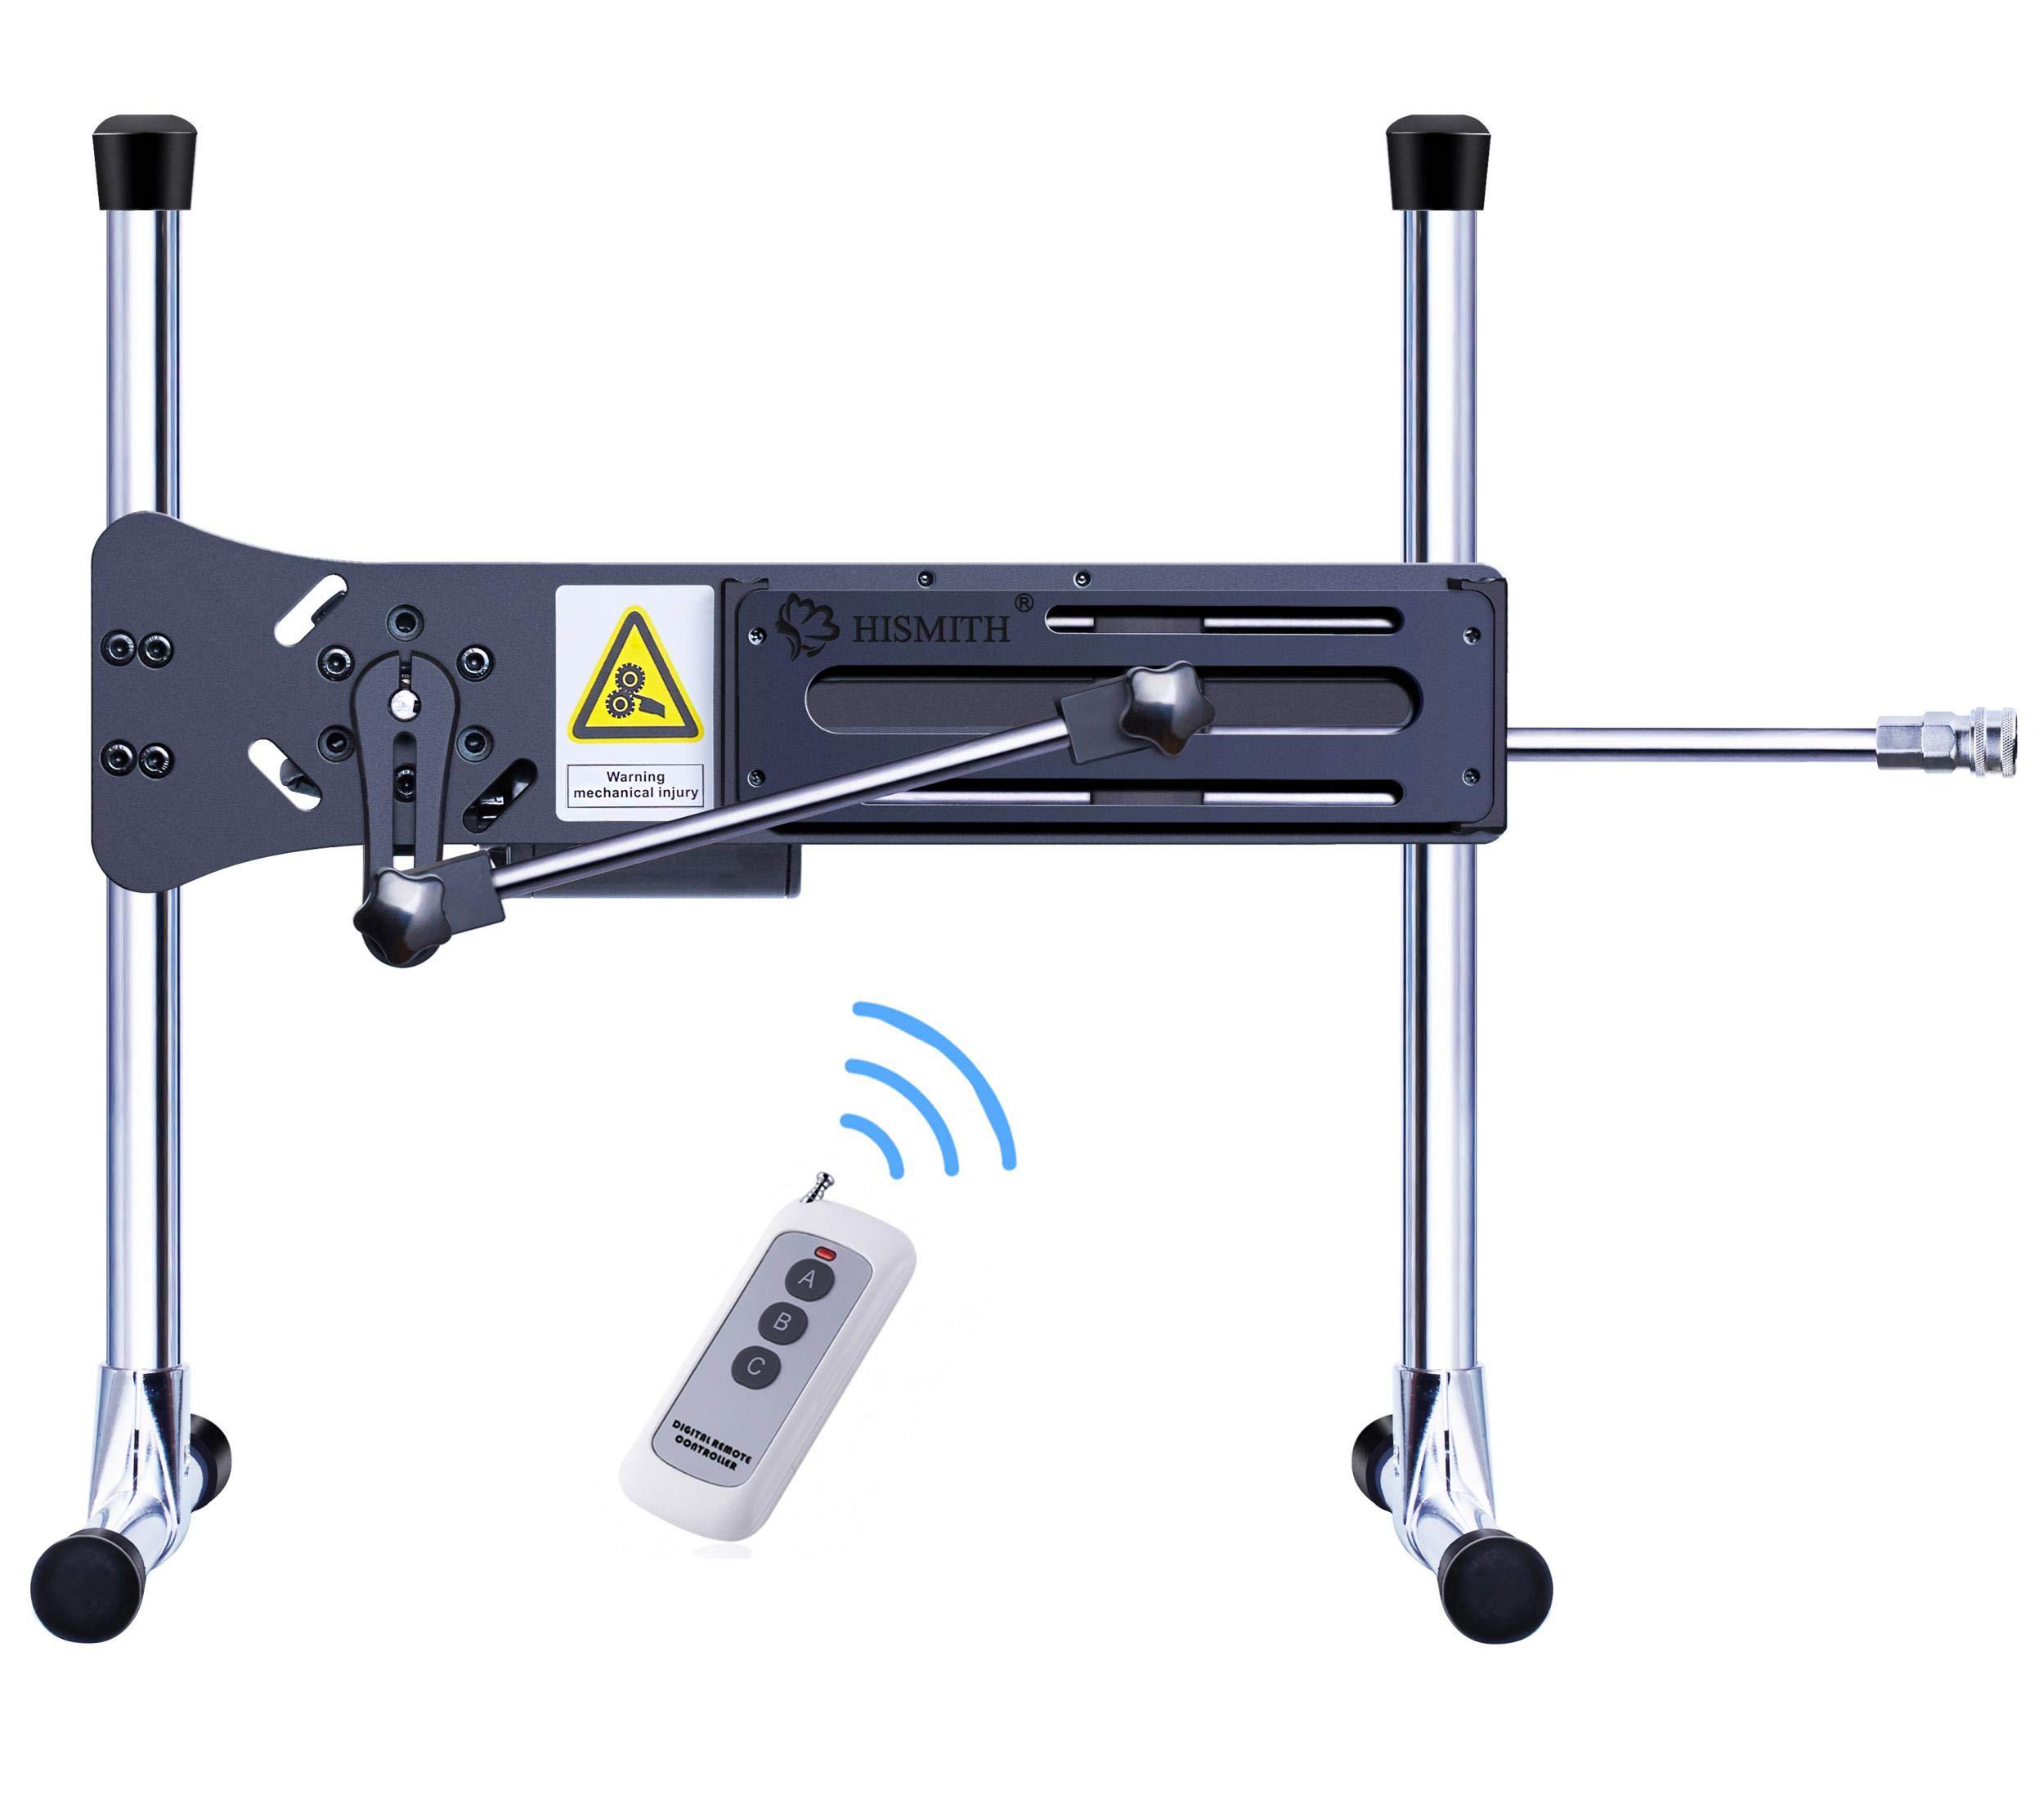 Hismith Remote Control Sex Machine,Premium Automatic Sex Machine for Women,Love Machine with Dildo 3 Attachments